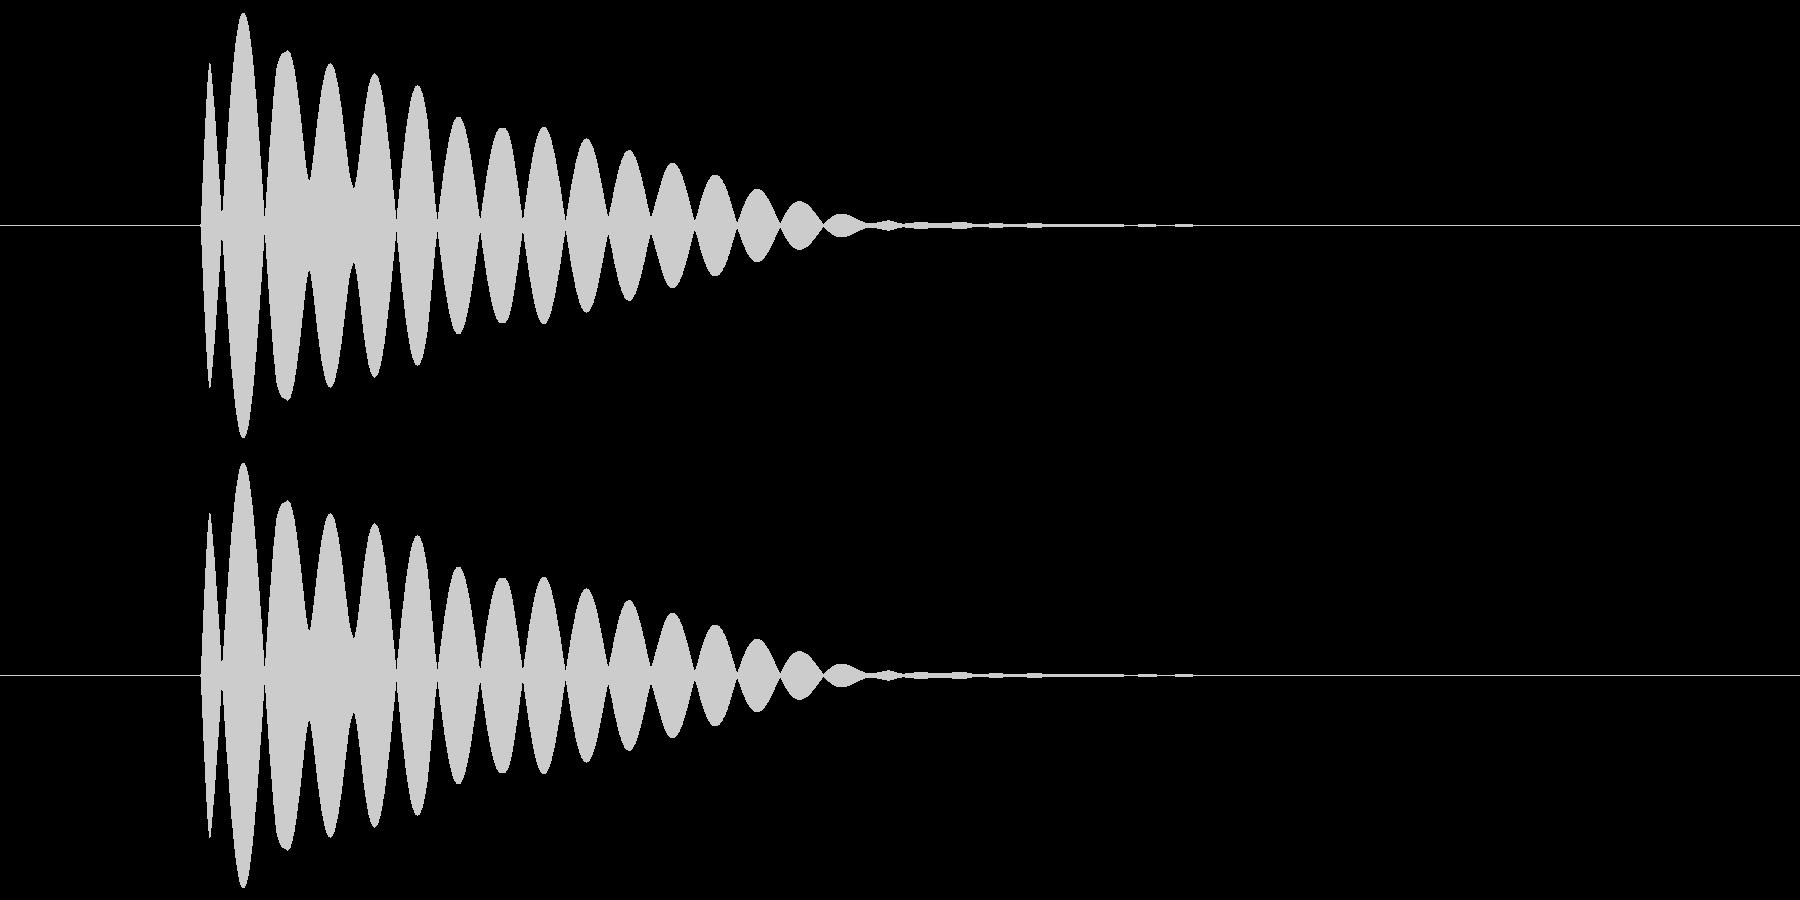 ポーン(透明感のある余韻のある音) 02の未再生の波形